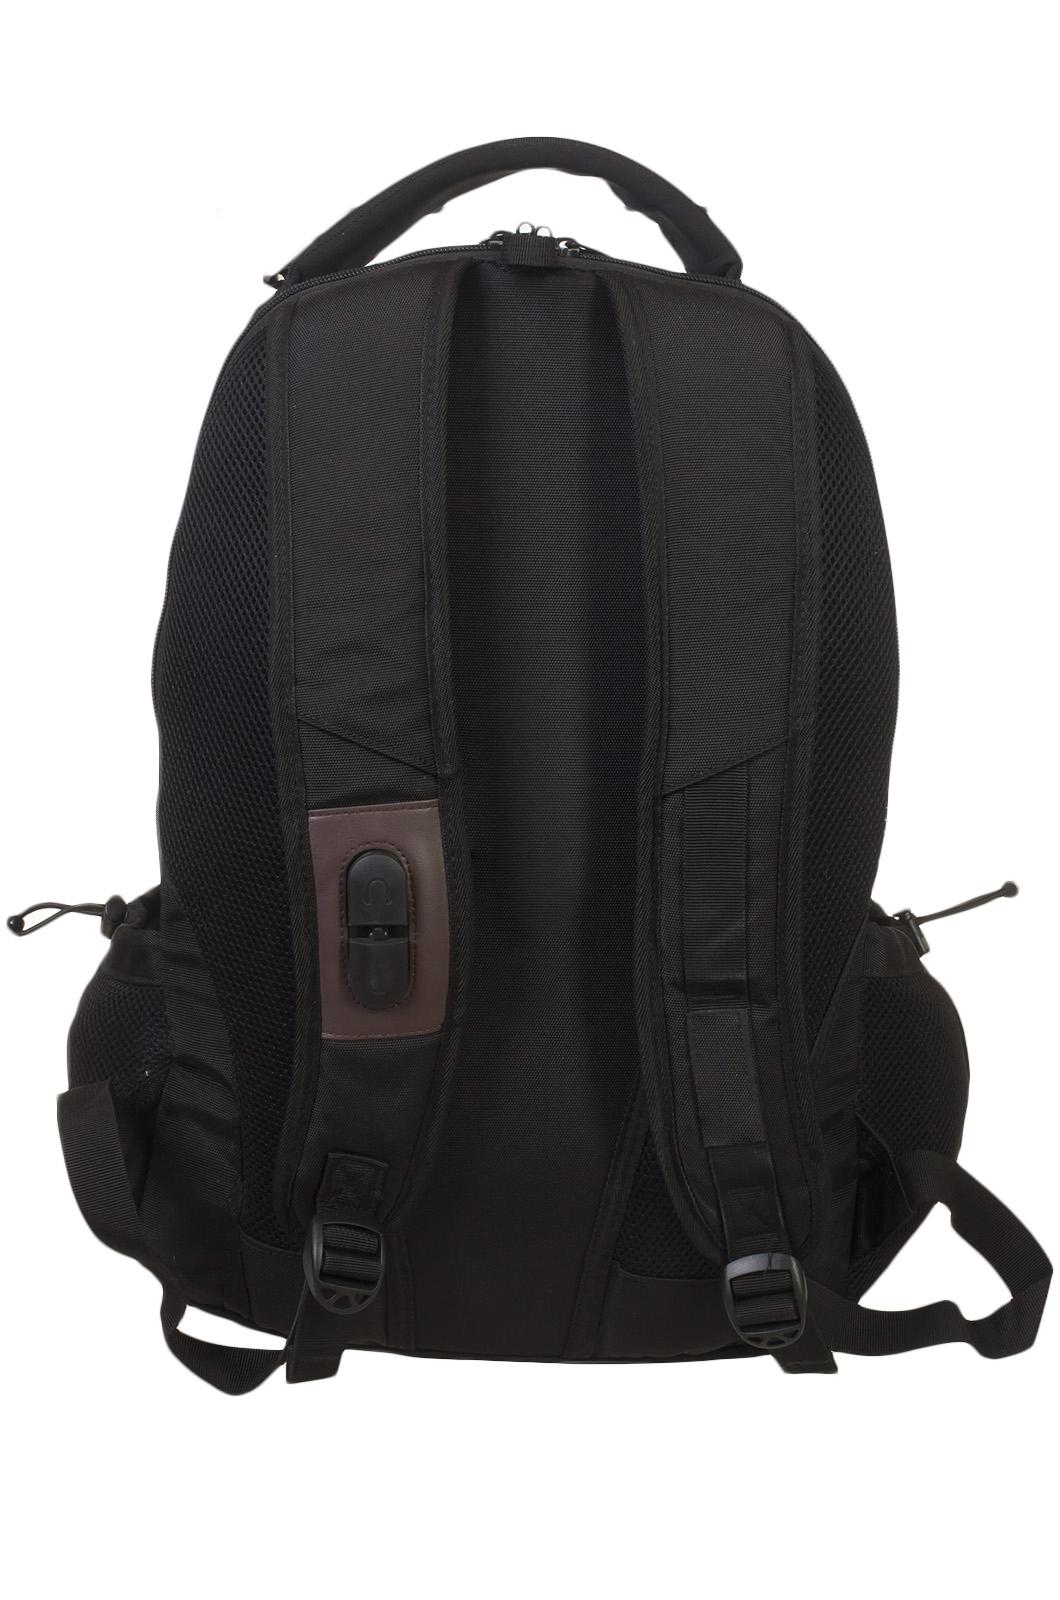 Эргономичный черный рюкзак с нашивкой Штандарт Президента - купить по низкой цене